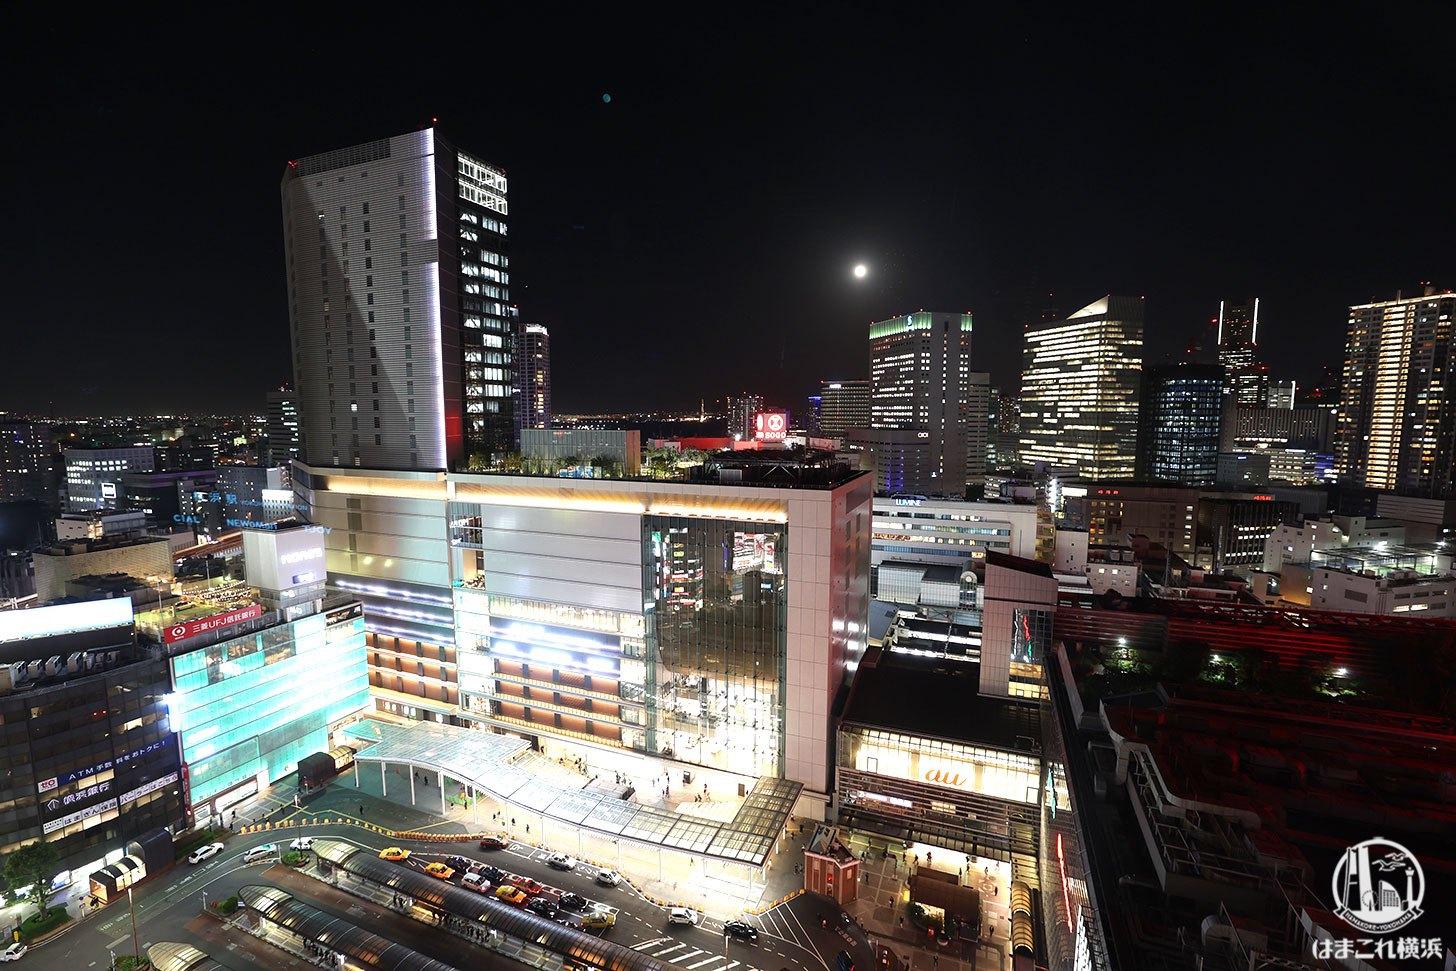 ラグジュアリーフロア「デラックスルーム」から見た横浜駅 全景